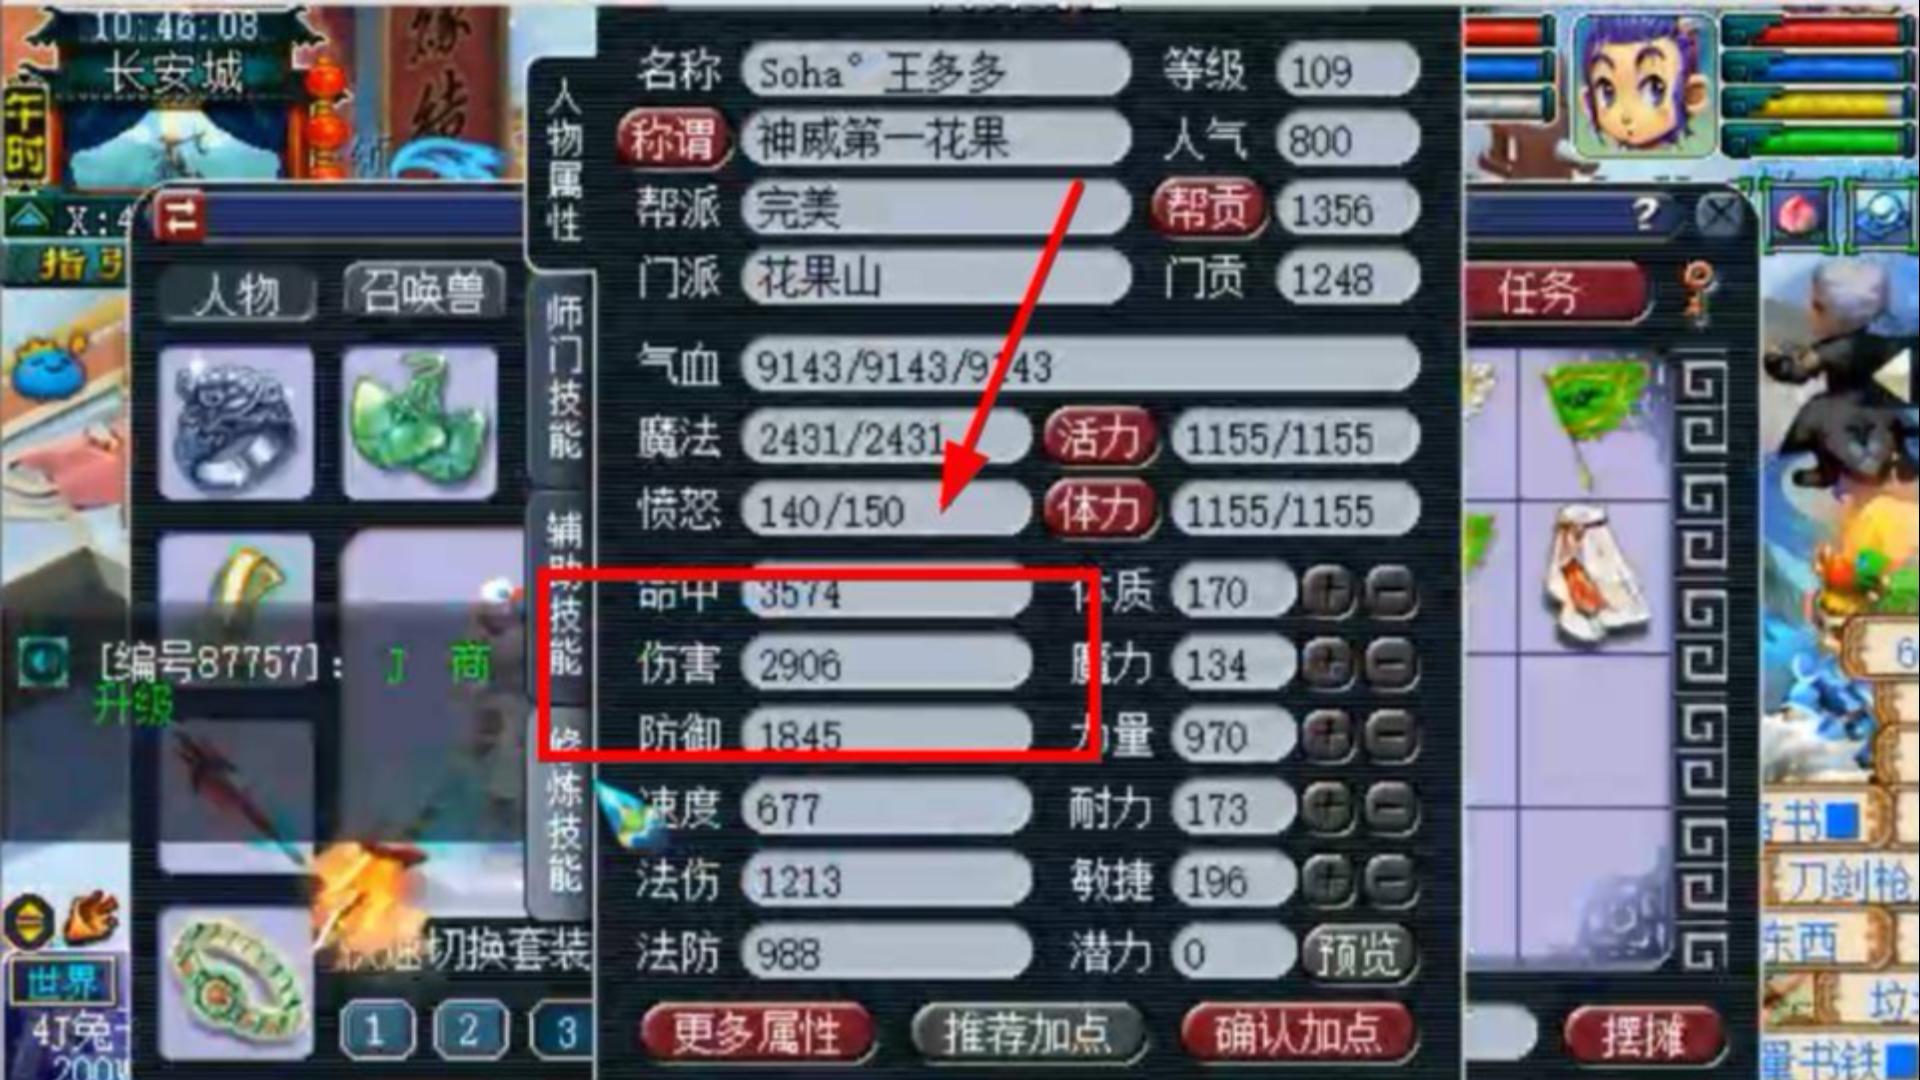 梦幻西游:神威第一花果山,手握梦幻第一无级别枪,伤害高达2906